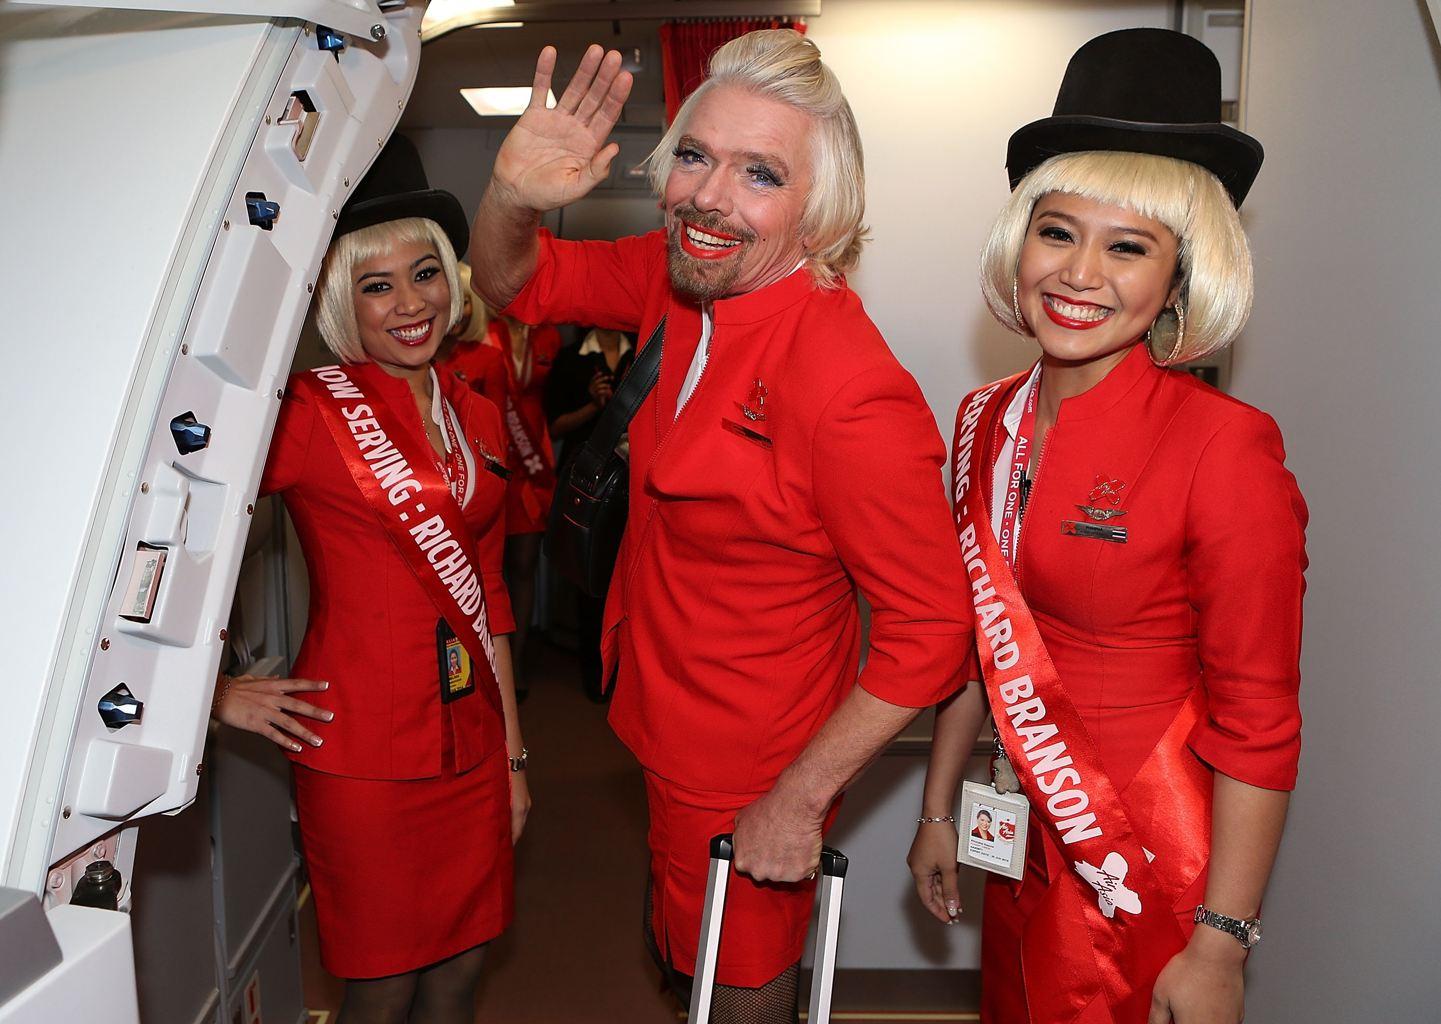 Миллиардер Ричард Брэнсон - самая высокооплачиваемая стюардесса, принимающая расчет только биткоинами